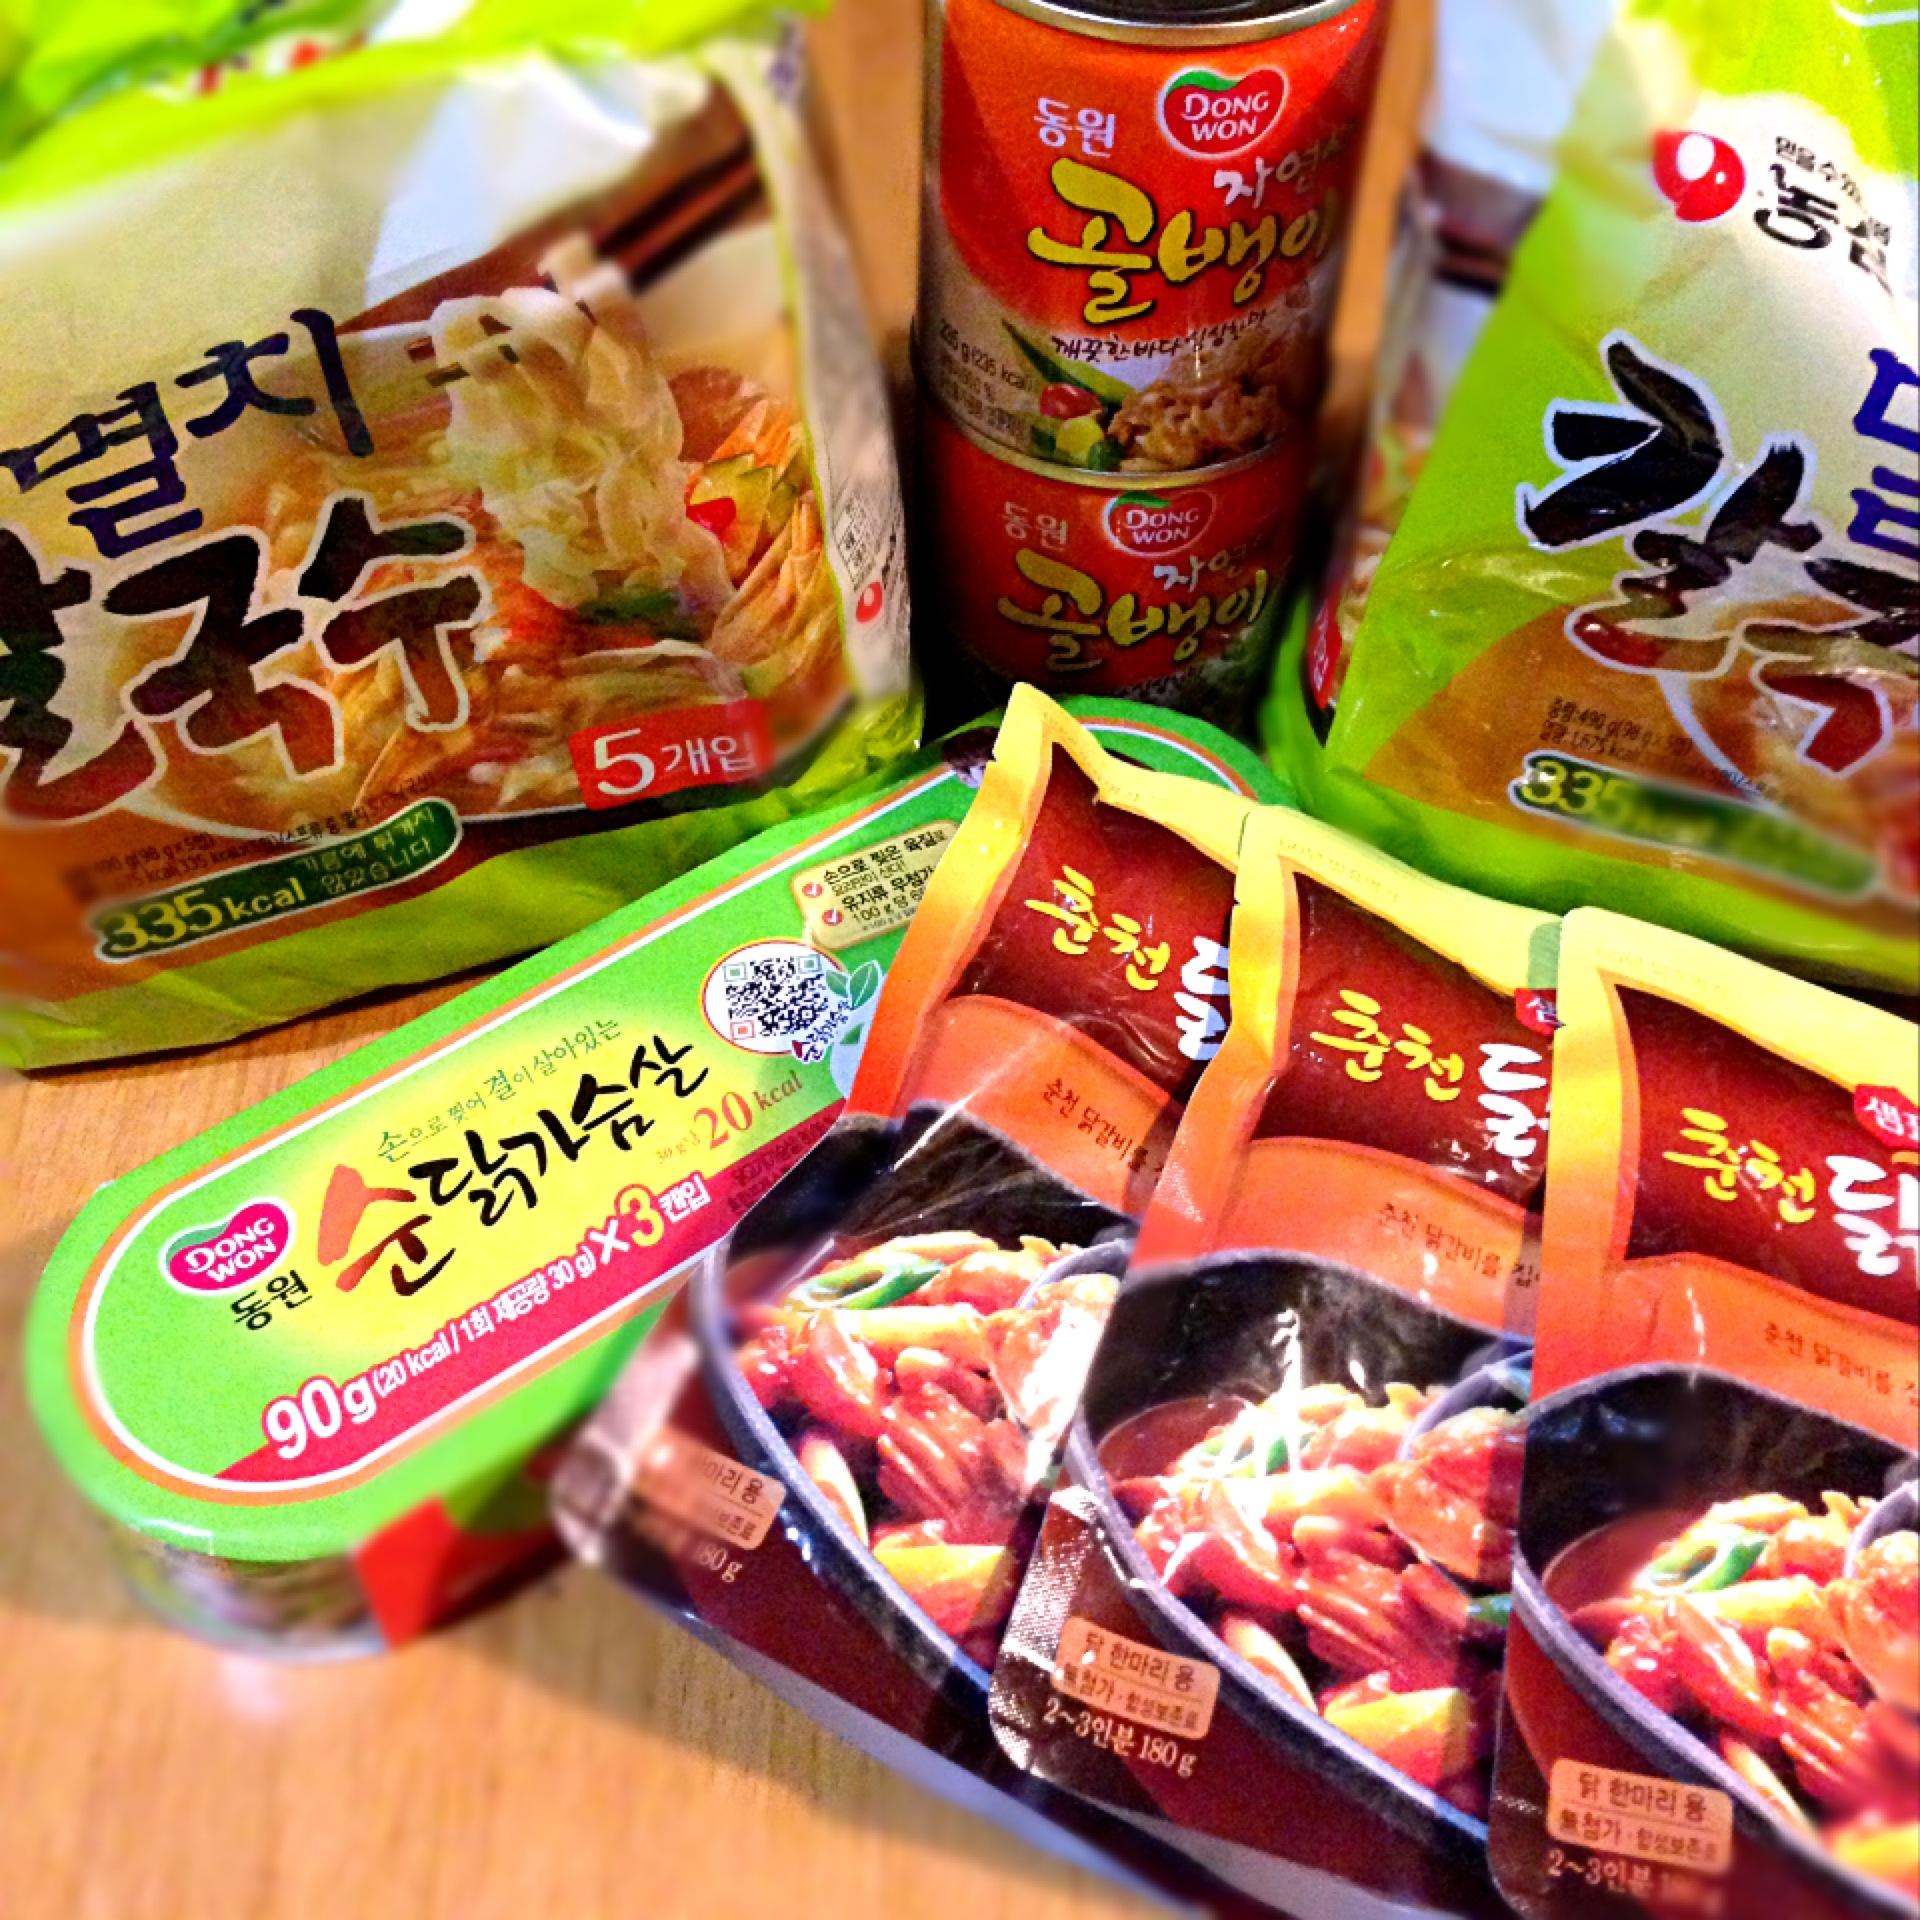 お菓子に食品、キッチン雑貨も!韓国で人気のお土産24選